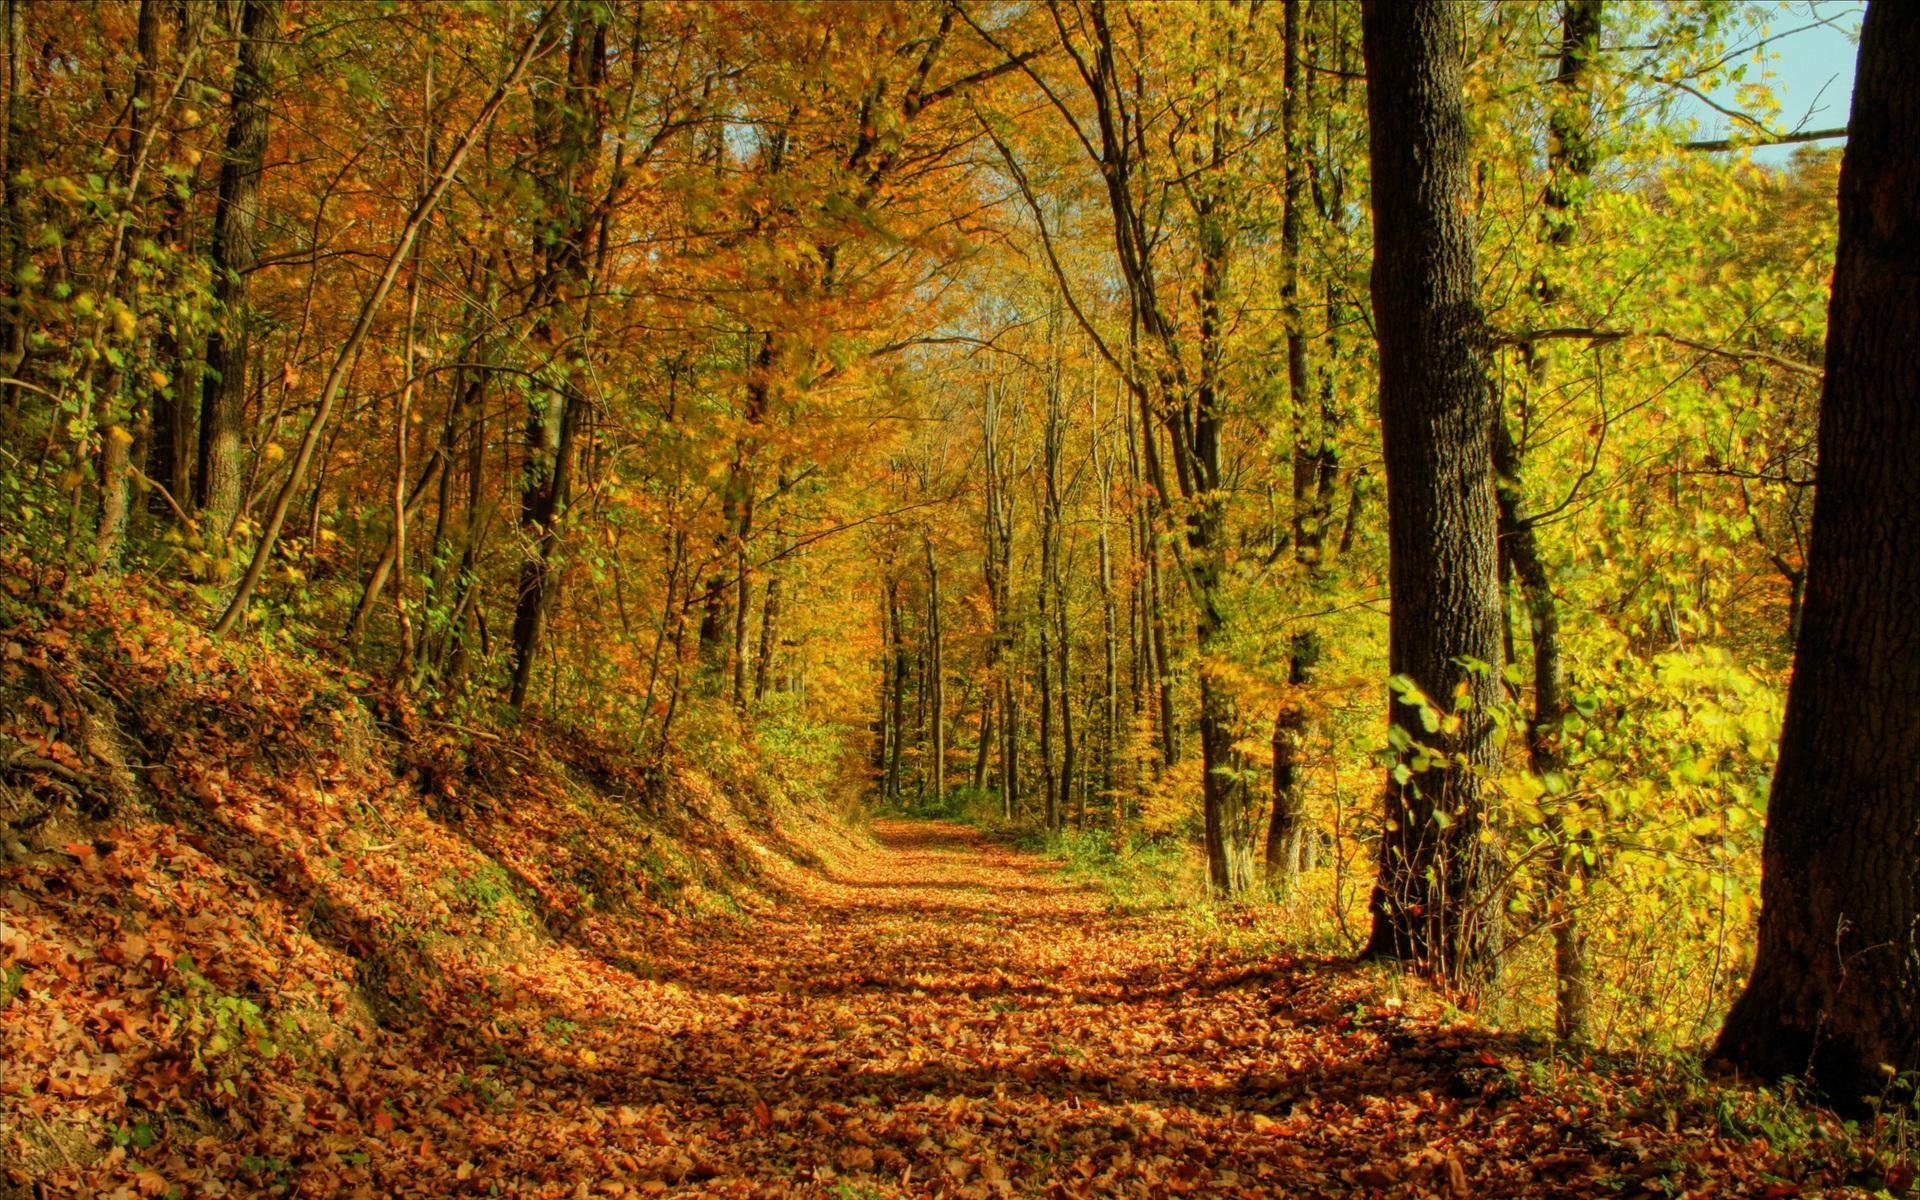 Forest Landscape Wallpapers Desktop Background